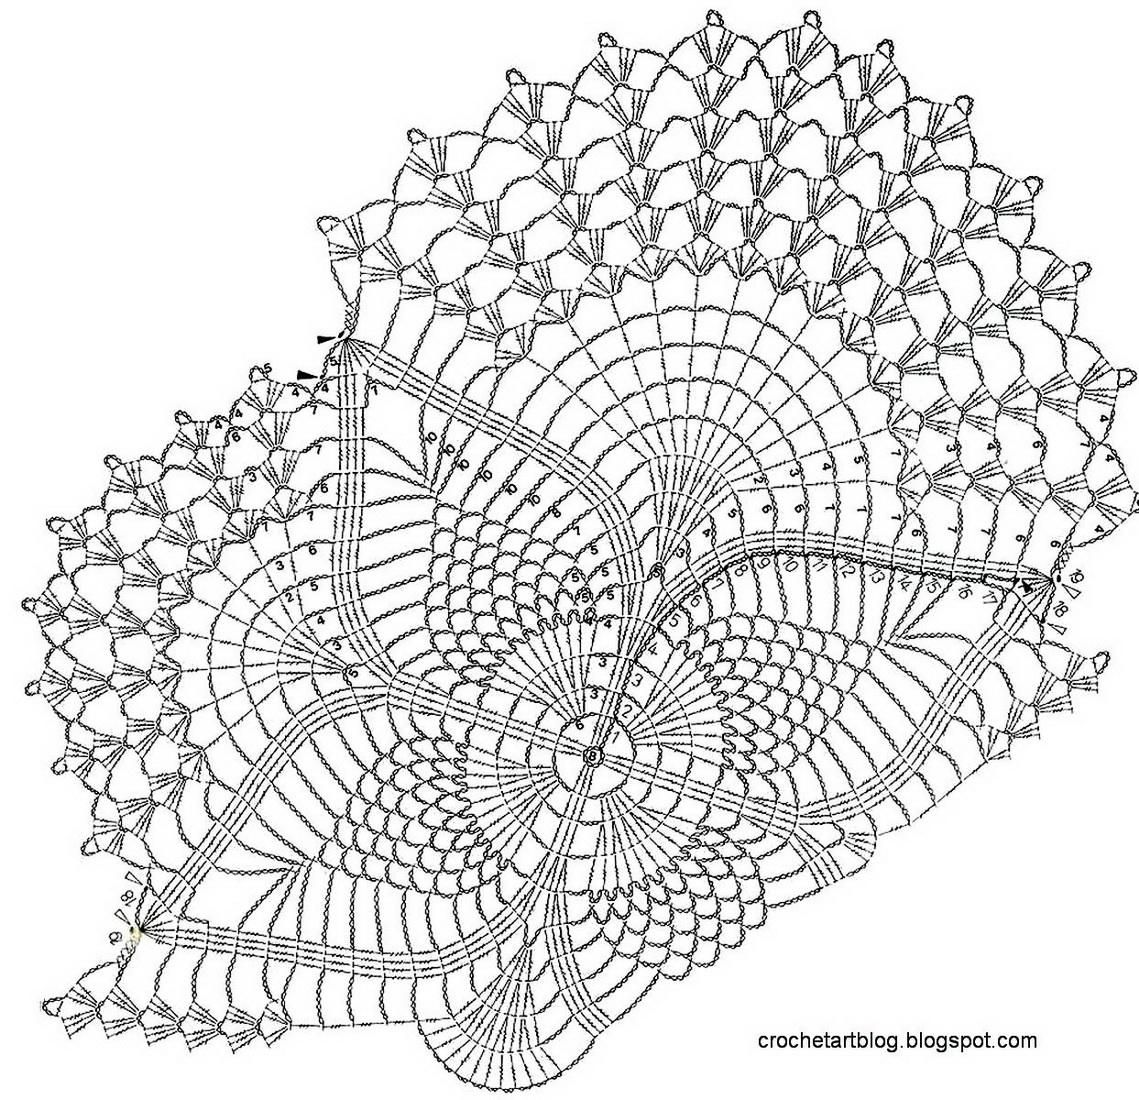 Crochet Art Crochet Doilies